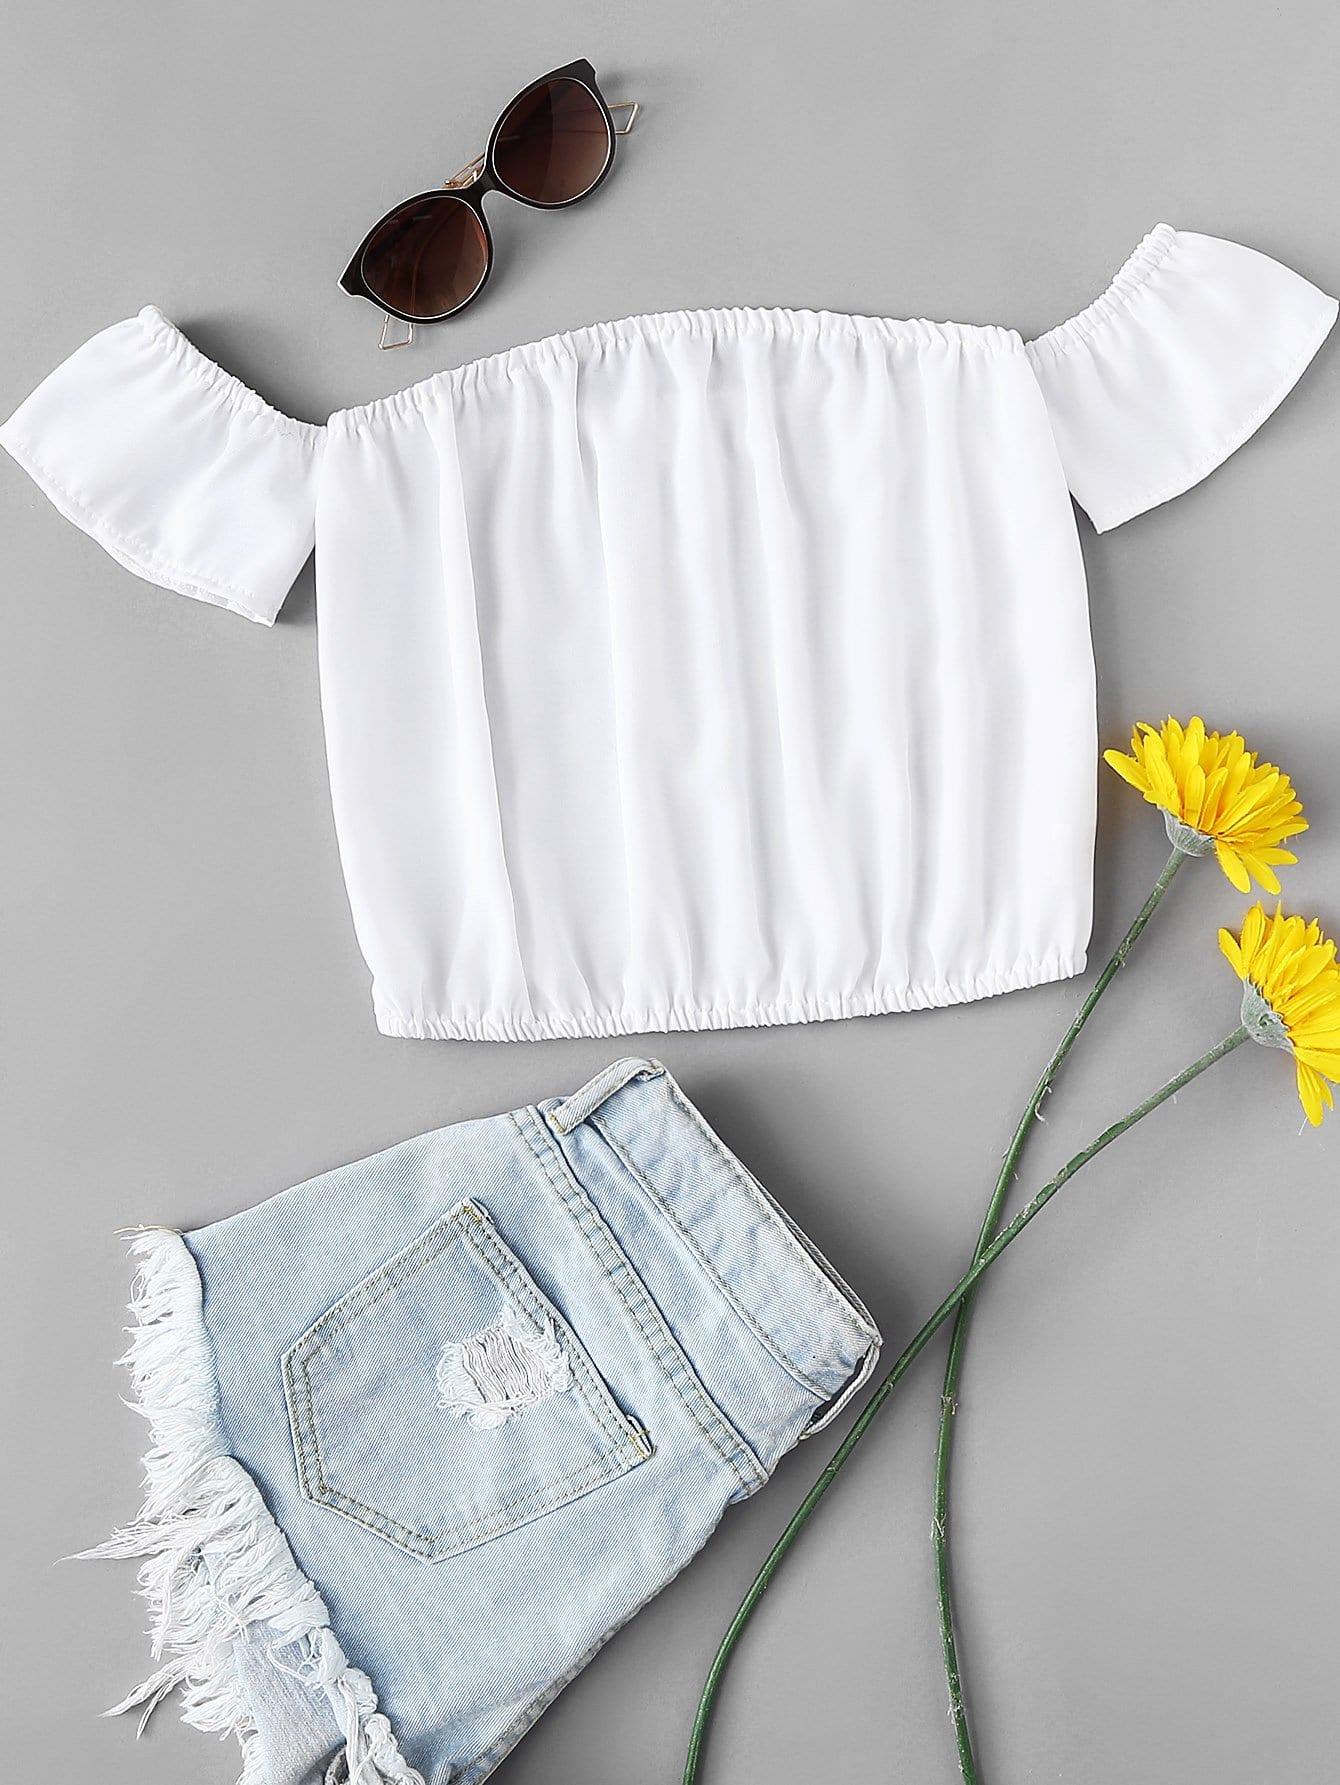 Купить Повседневный Одноцветный Белый Блузы+рубашки, null, SheIn